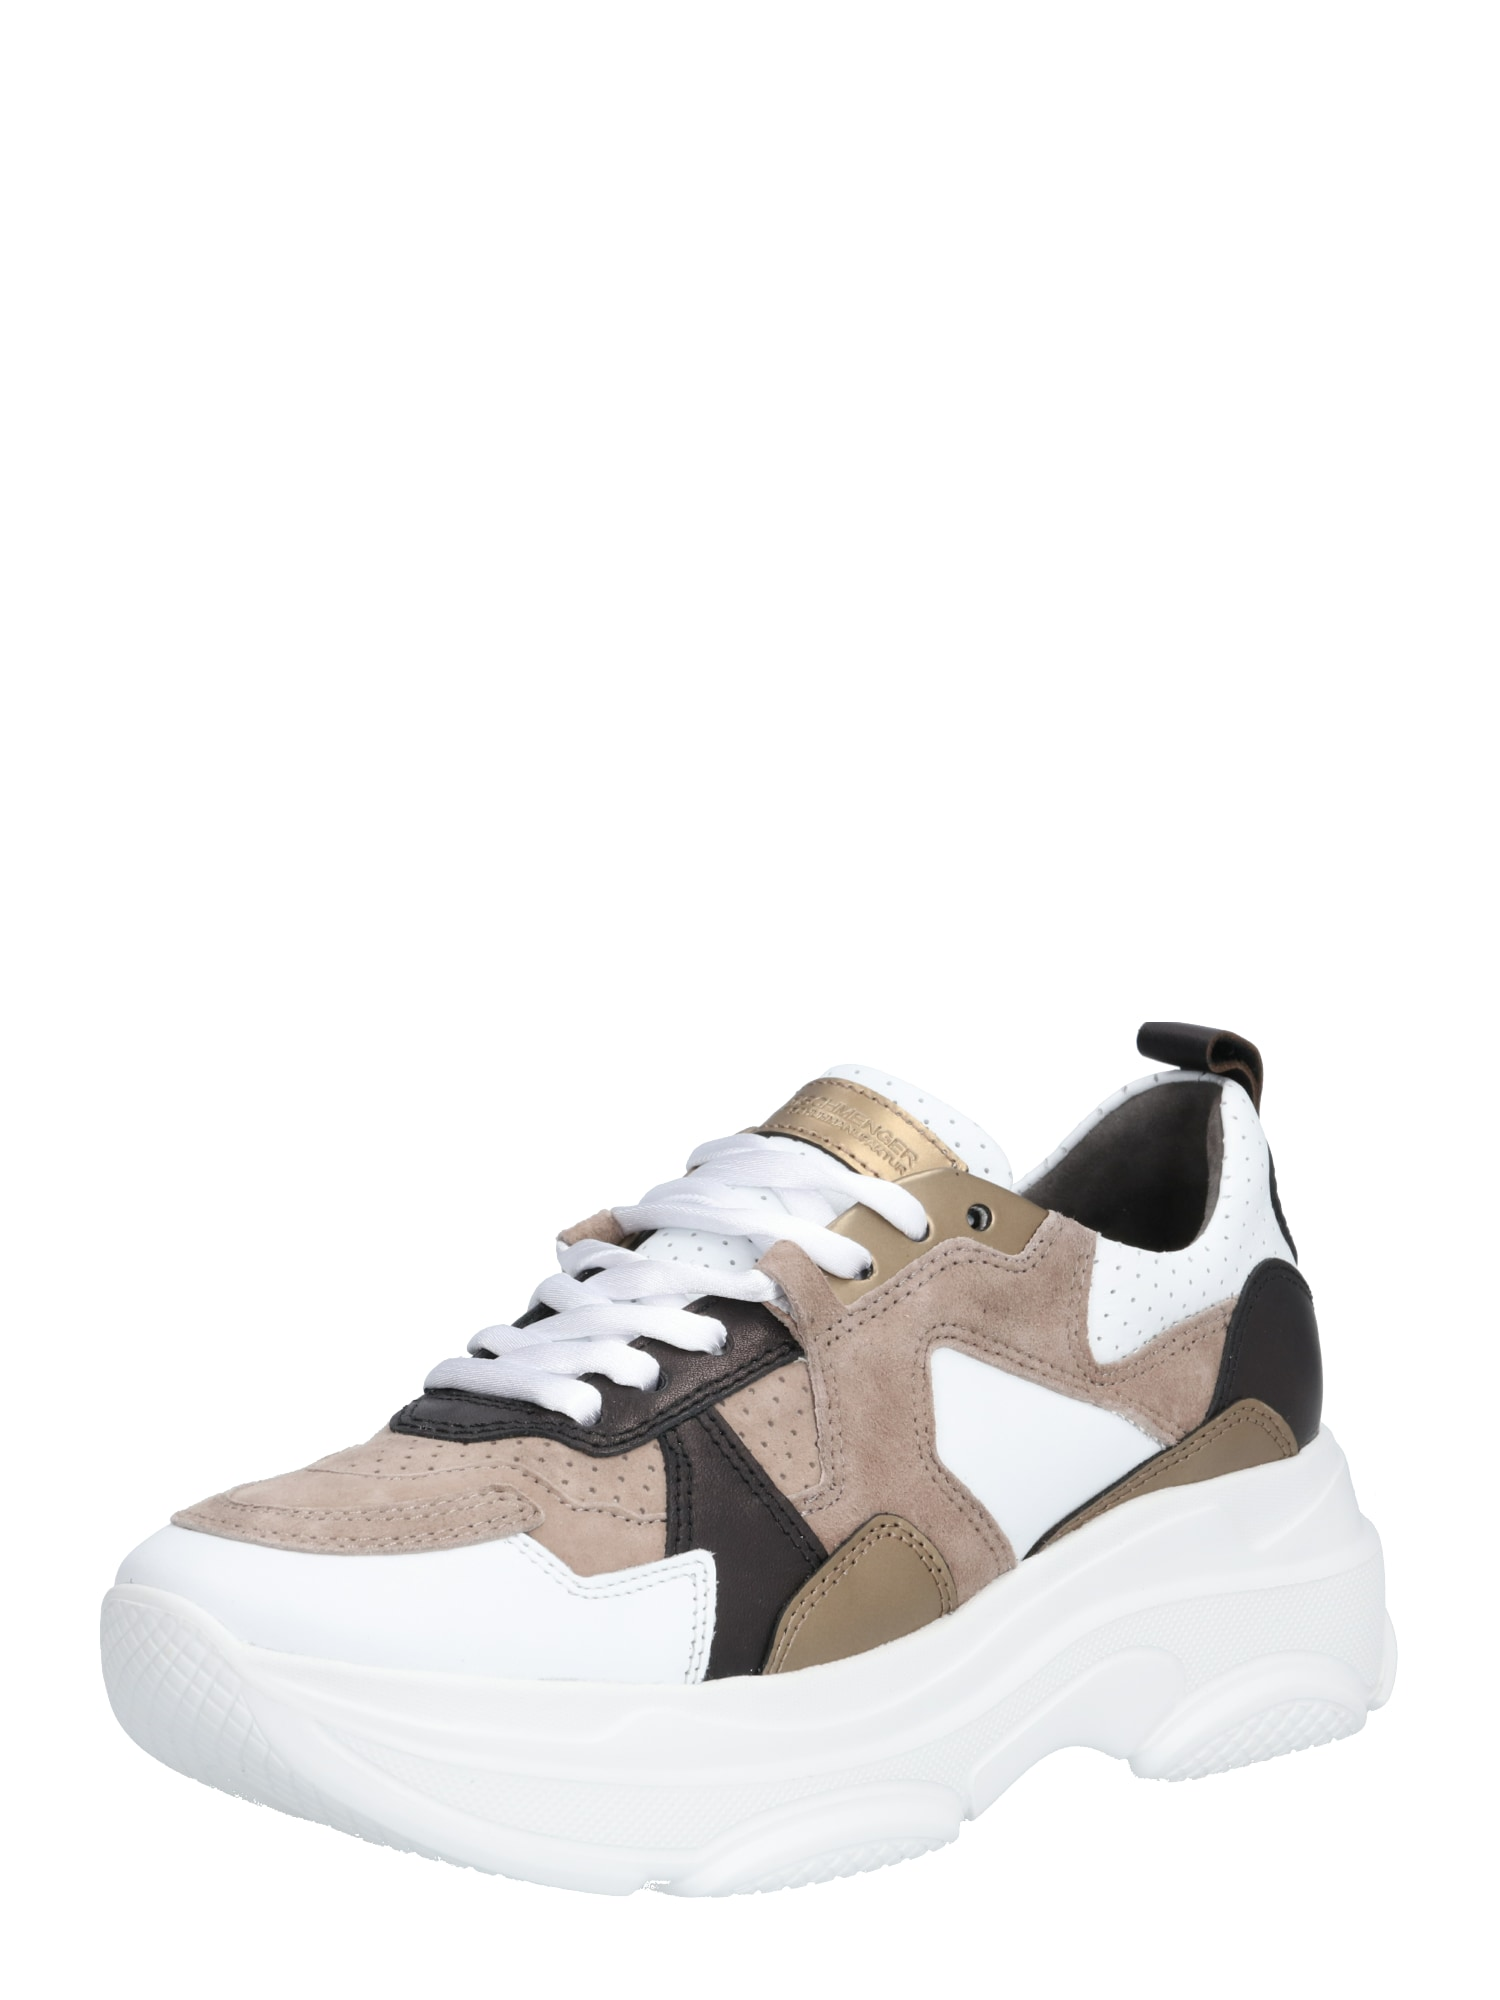 Kennel & Schmenger Rövid szárú edzőcipők  fehér / világosbarna / arany